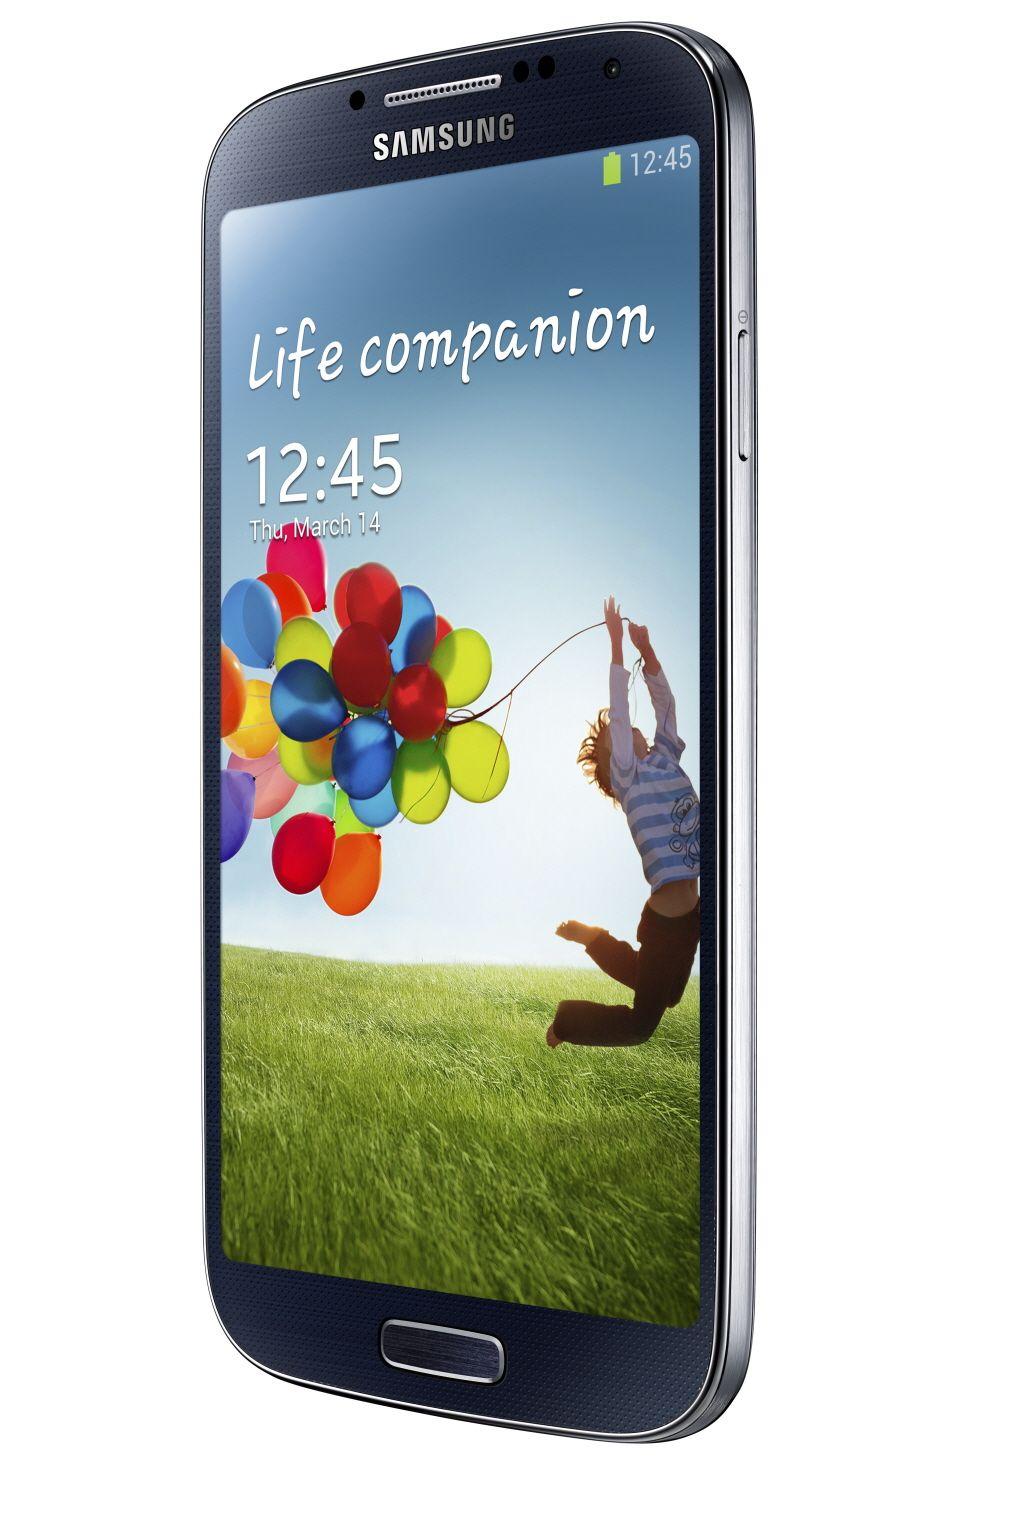 Dagens Galaxy S4 nærmer seg ett år gammel, og med det kryper også tiden for å pensjonere toppmodellen stadig nærmere.Foto: Samsung